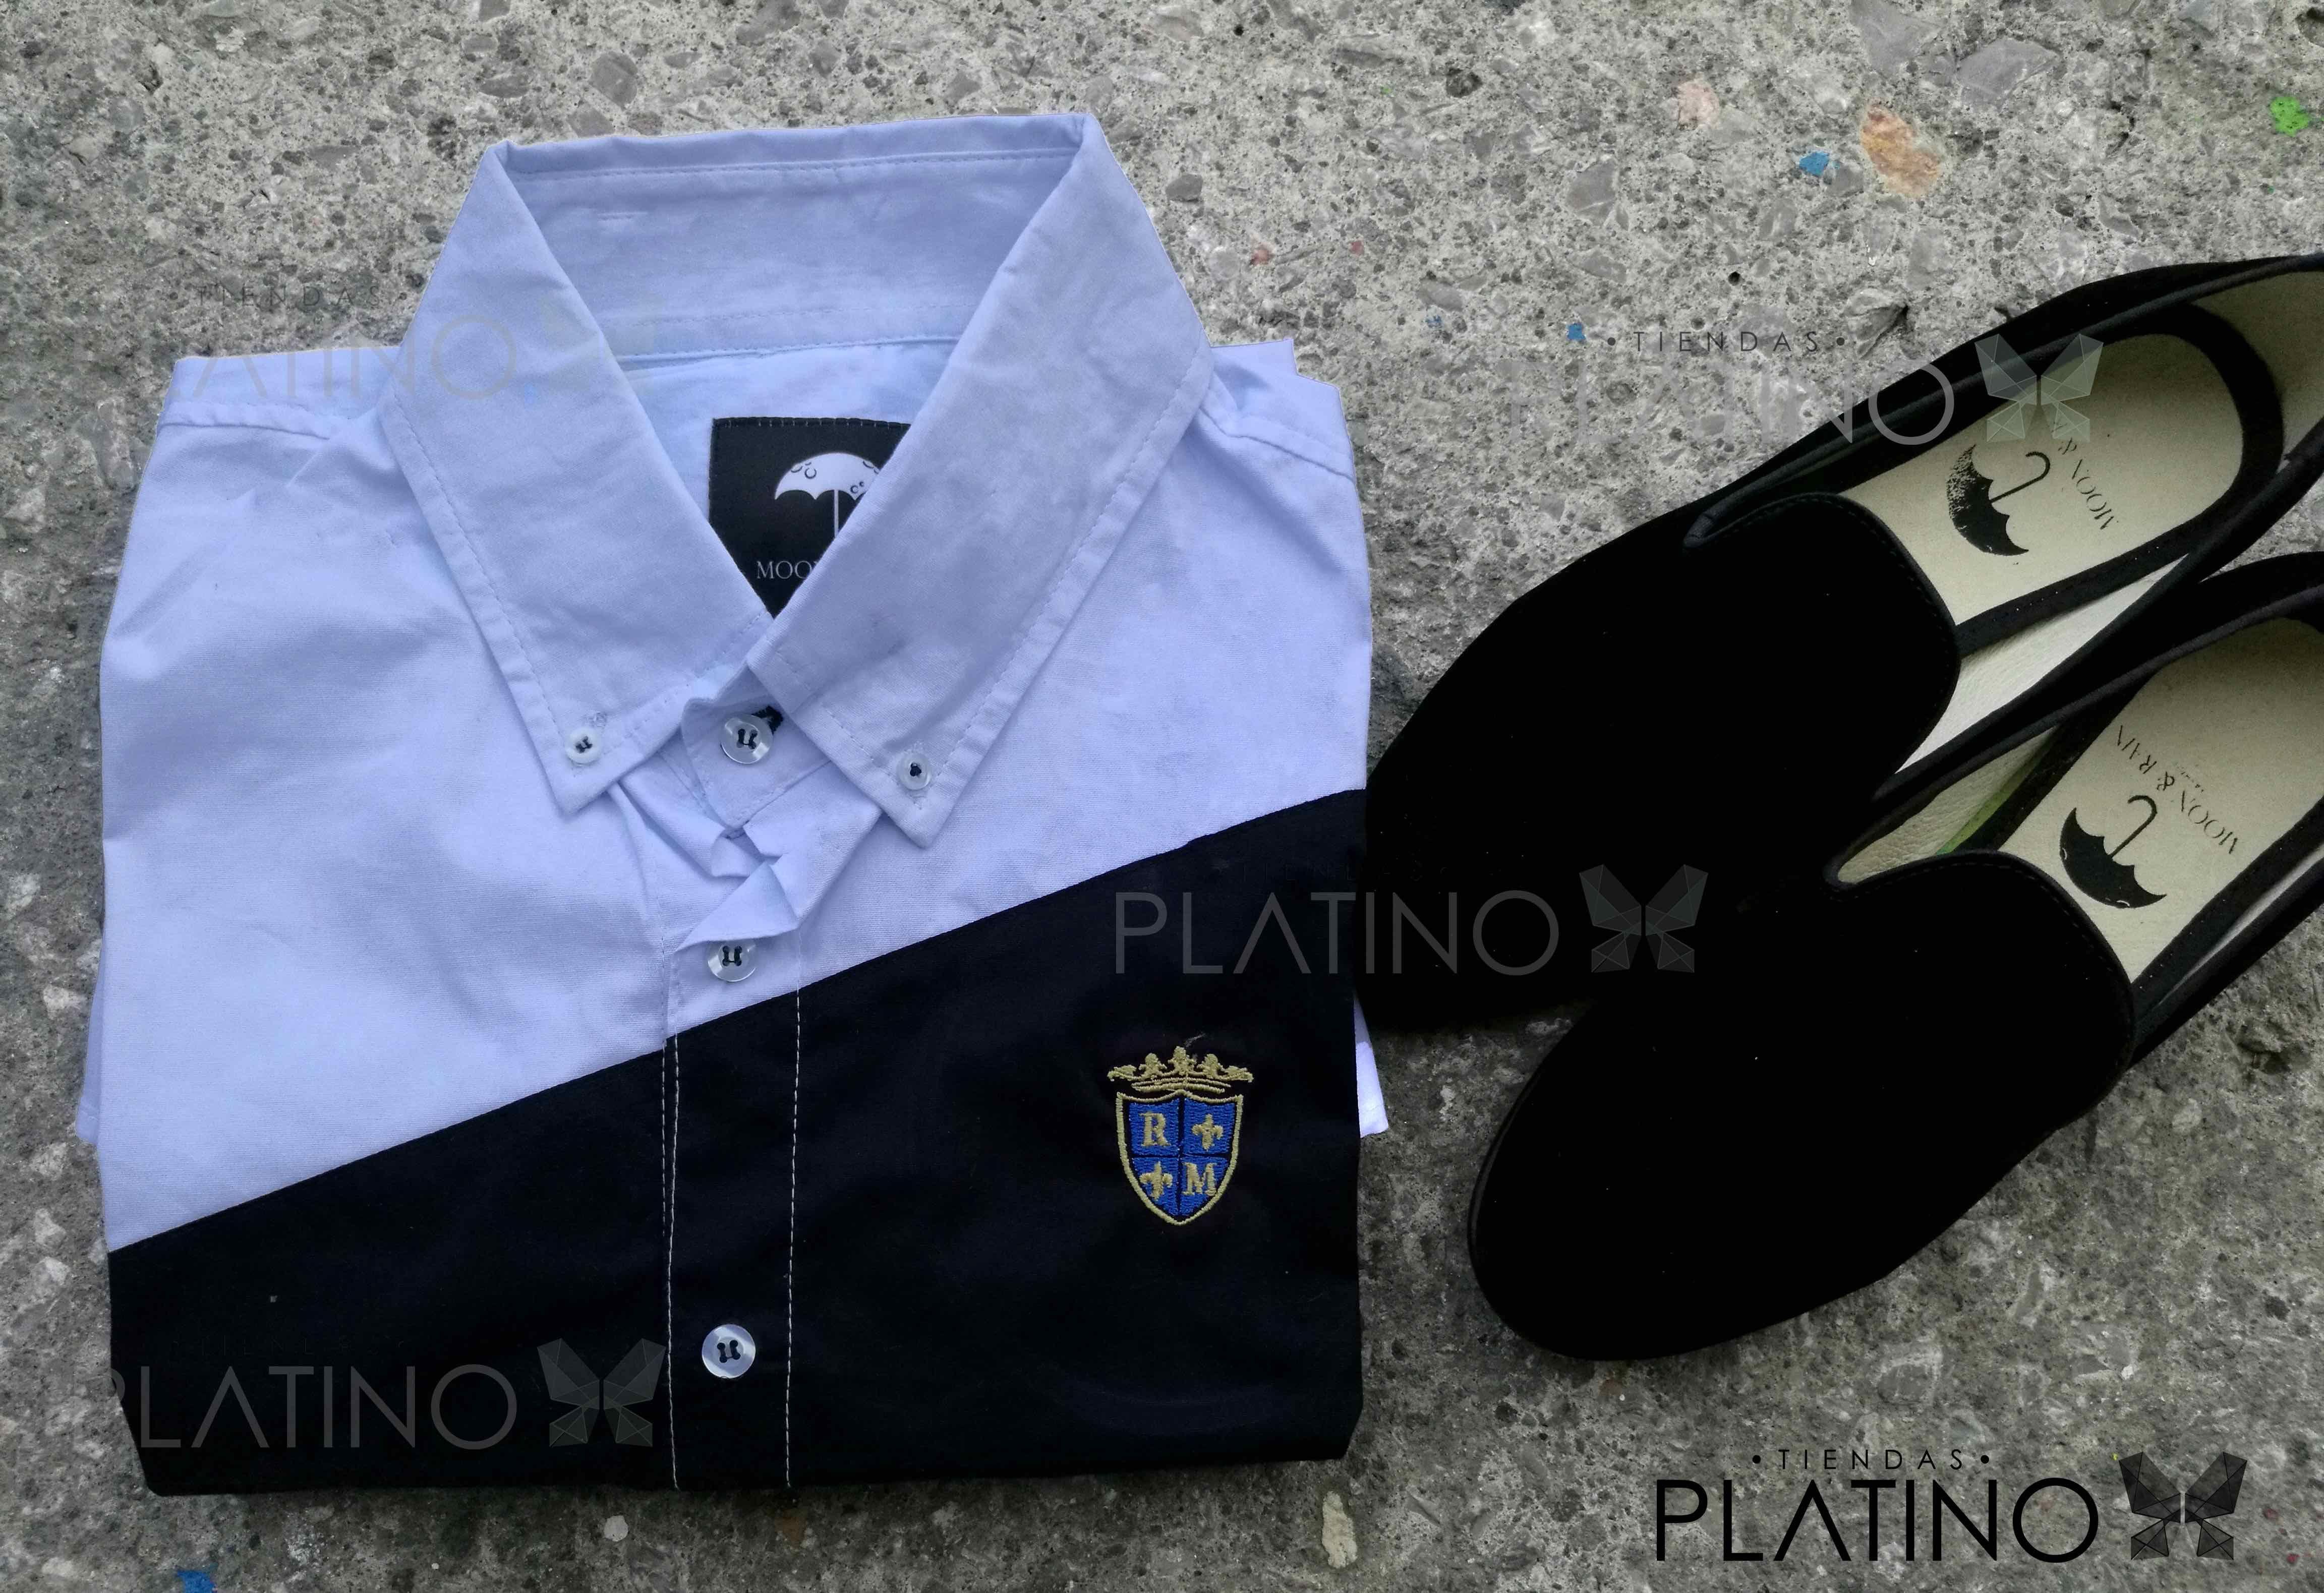 """Conjunto perfecto para una ocasión casual, compuesto por una camisa blanca con franja marino y loafer en terciopelo negro liso. Artículos hechos en México por la marca """"Moon & Rain"""" y de venta exclusiva en """"Tiendas Platino"""" #TiendasPlatino #Moda #Hombre #Camisa #Pantalón #Calzado #Mocasín #Outfit #Mens #Fashion #Dapper #Macrame #Ropa #México #Looks #Style"""